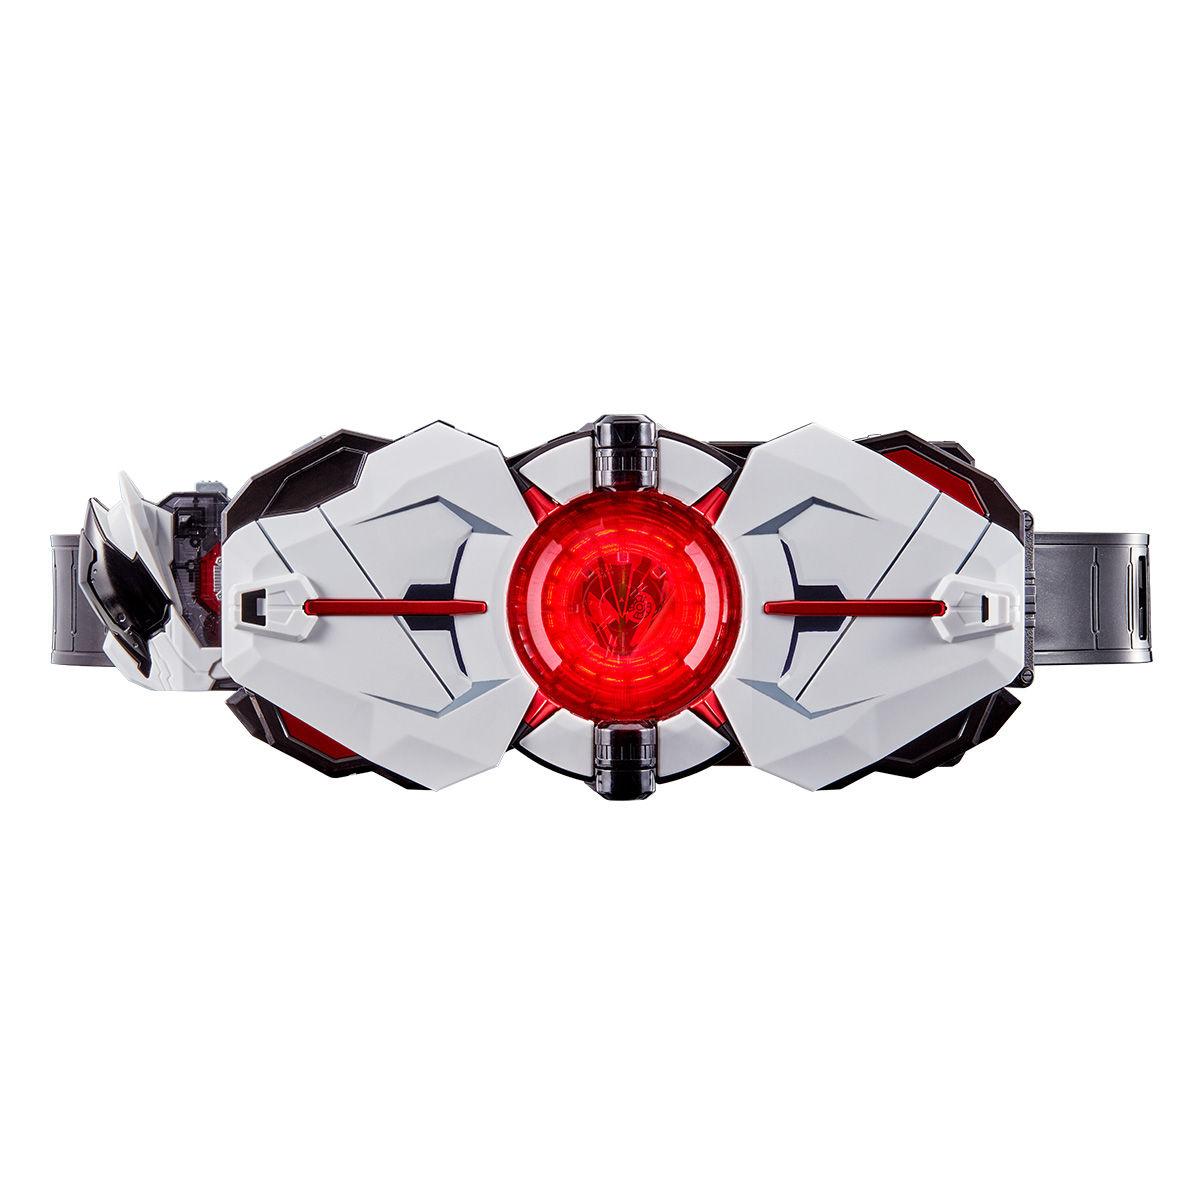 【限定販売】変身ベルト『DXアークドライバー』変身なりきり-008